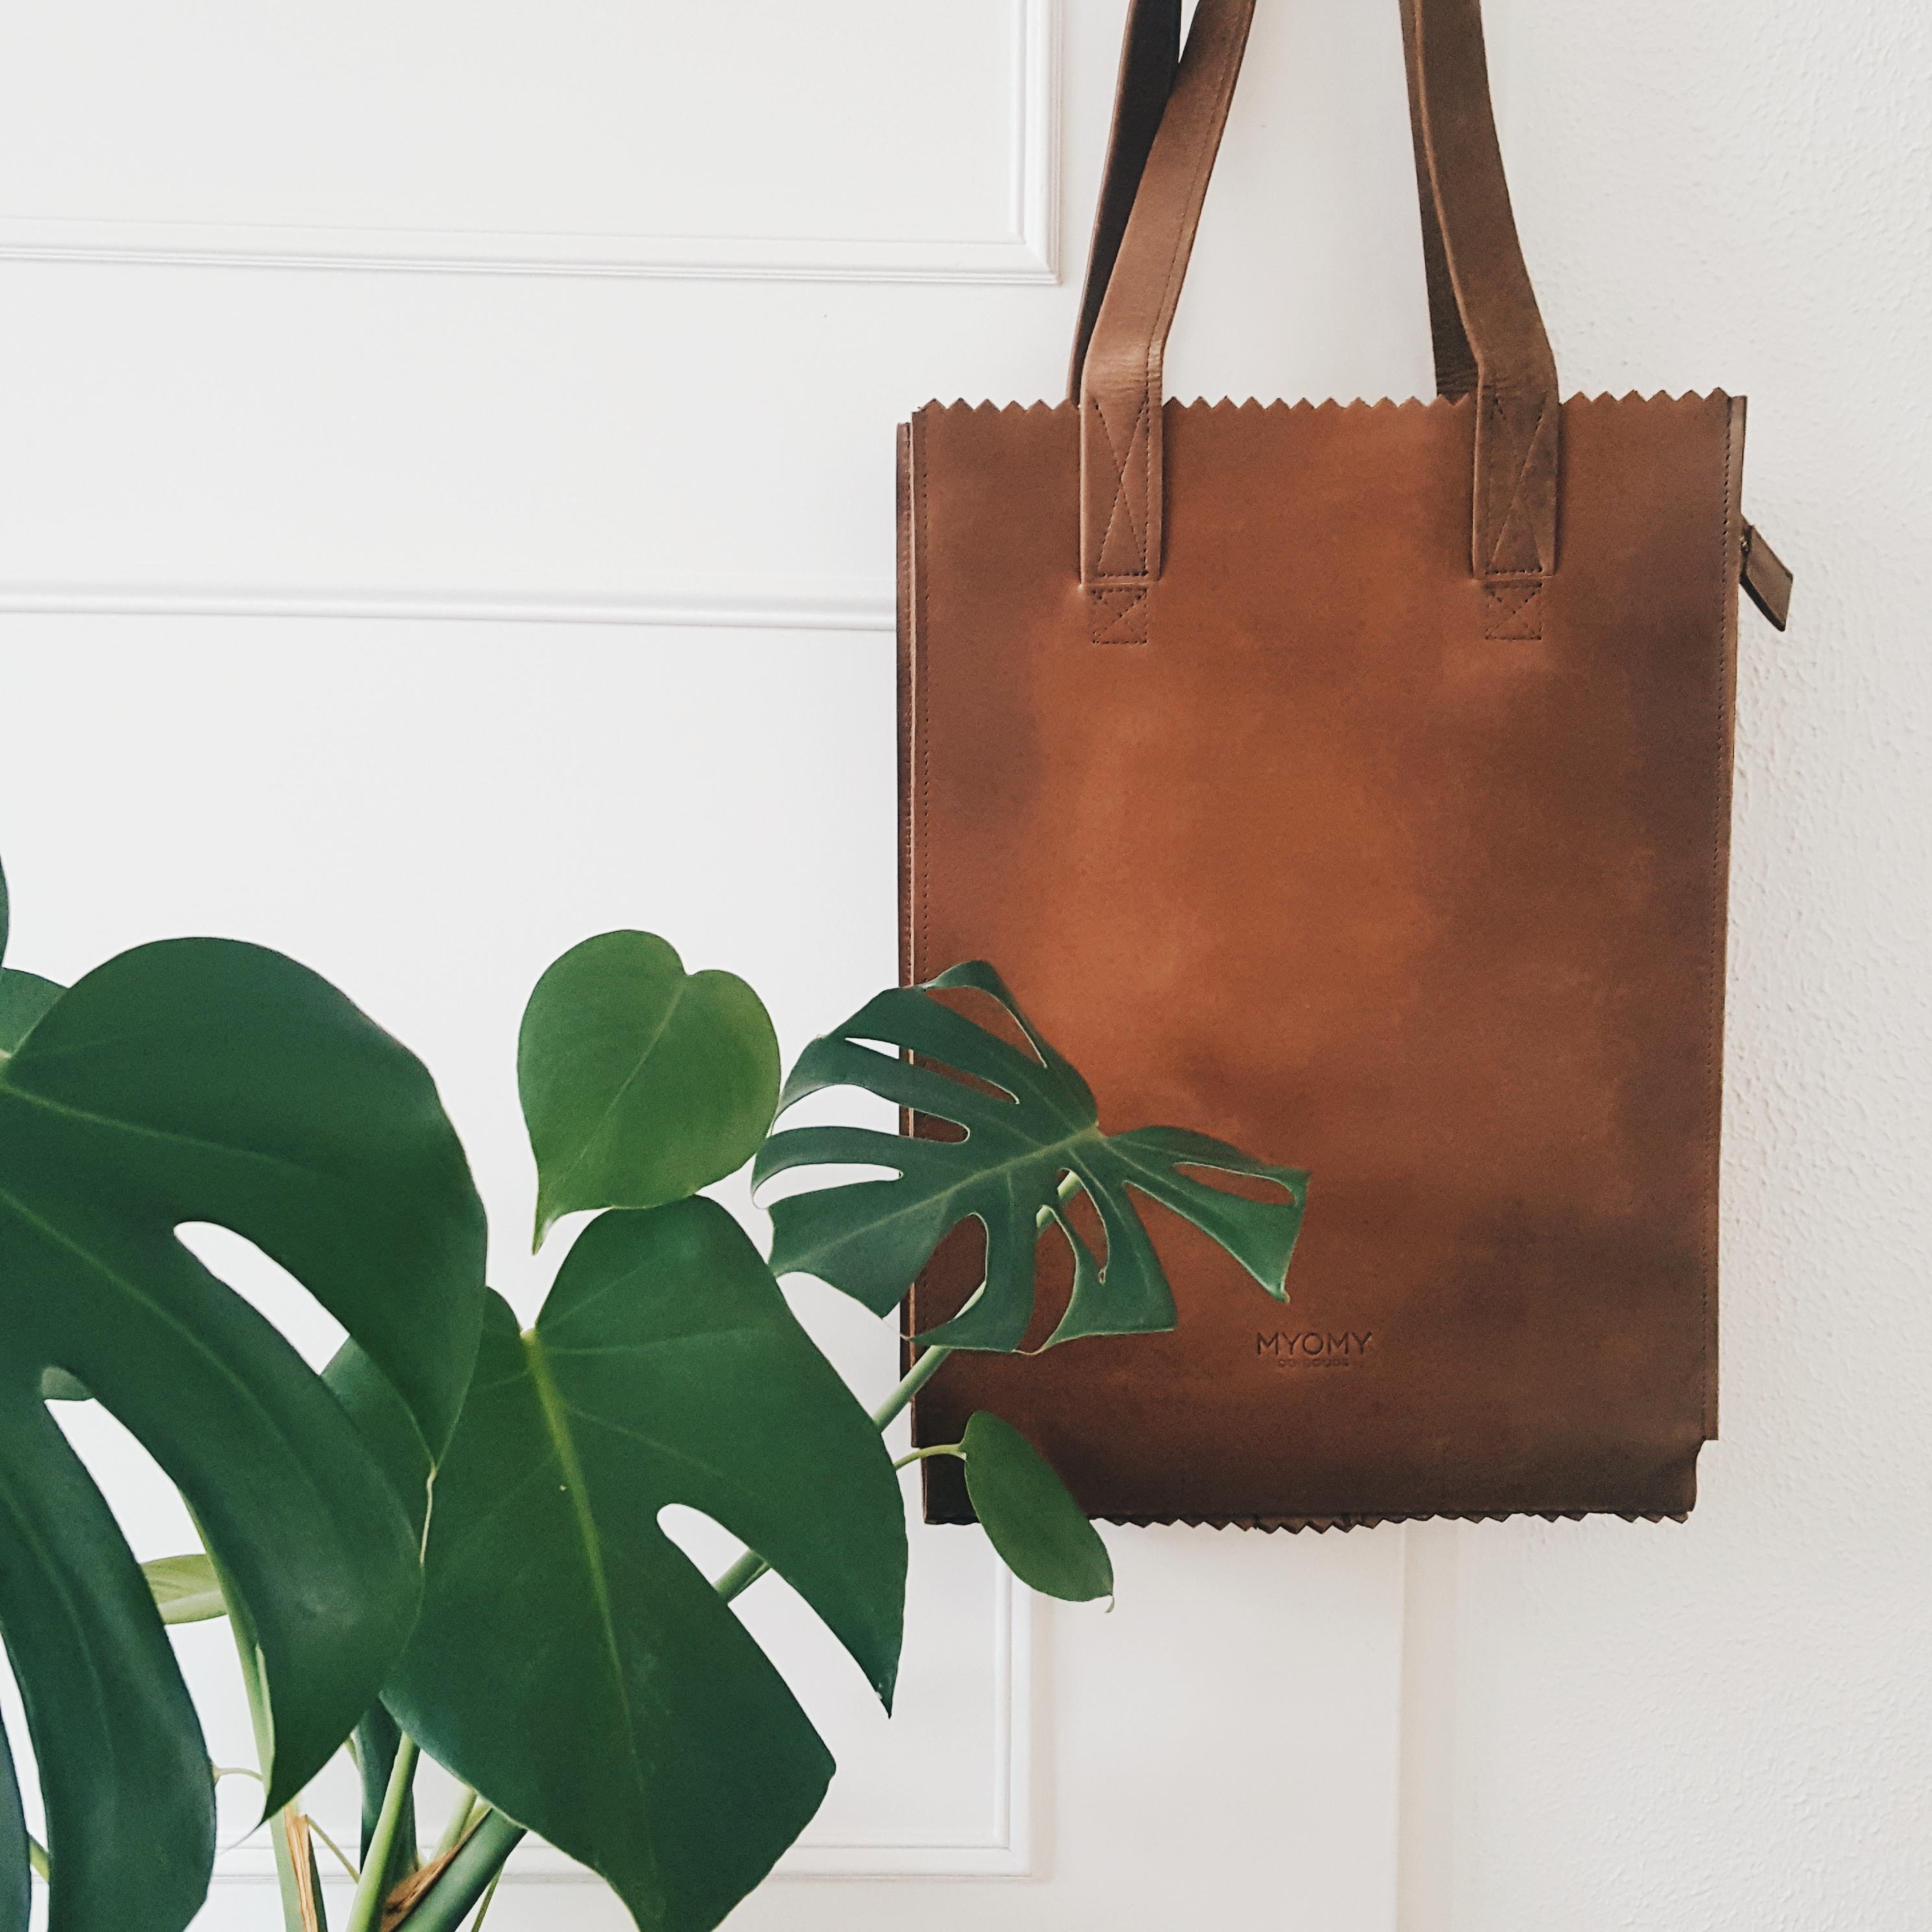 Jezelf belonen – Mijlpaal vieren met mijn nieuwe MYOMY tas